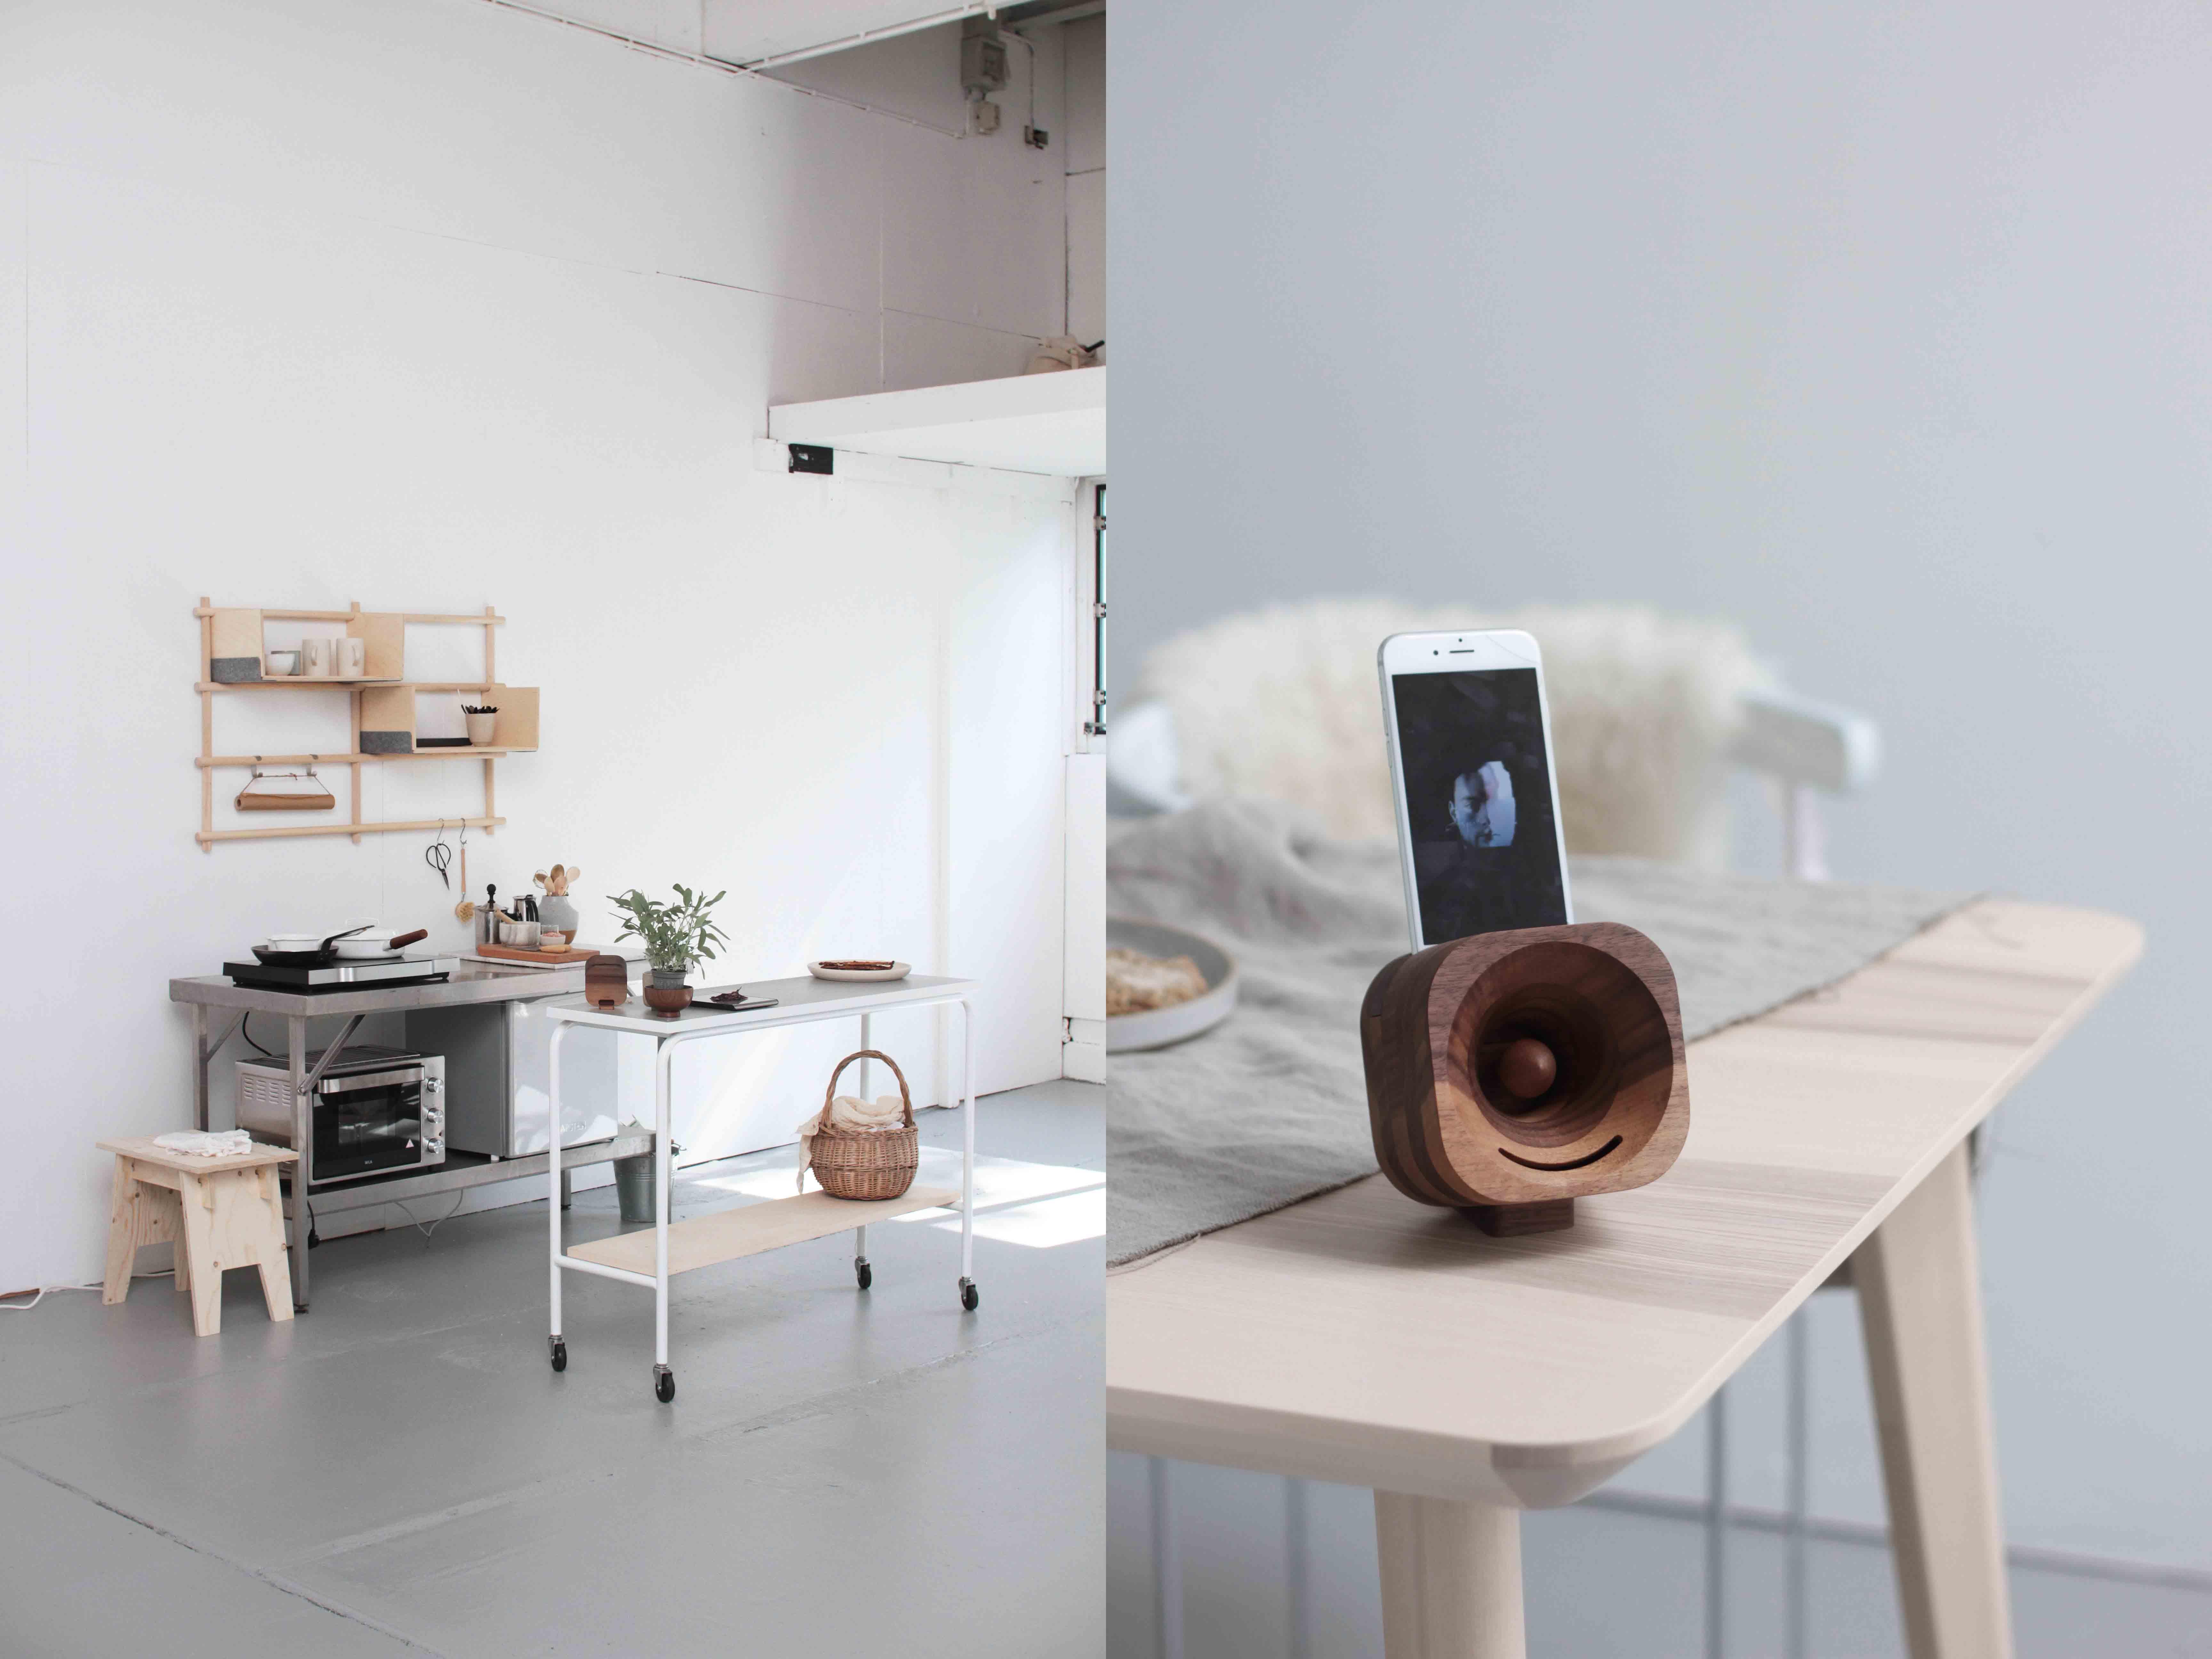 studiospacekyra scandinavian design slowliving